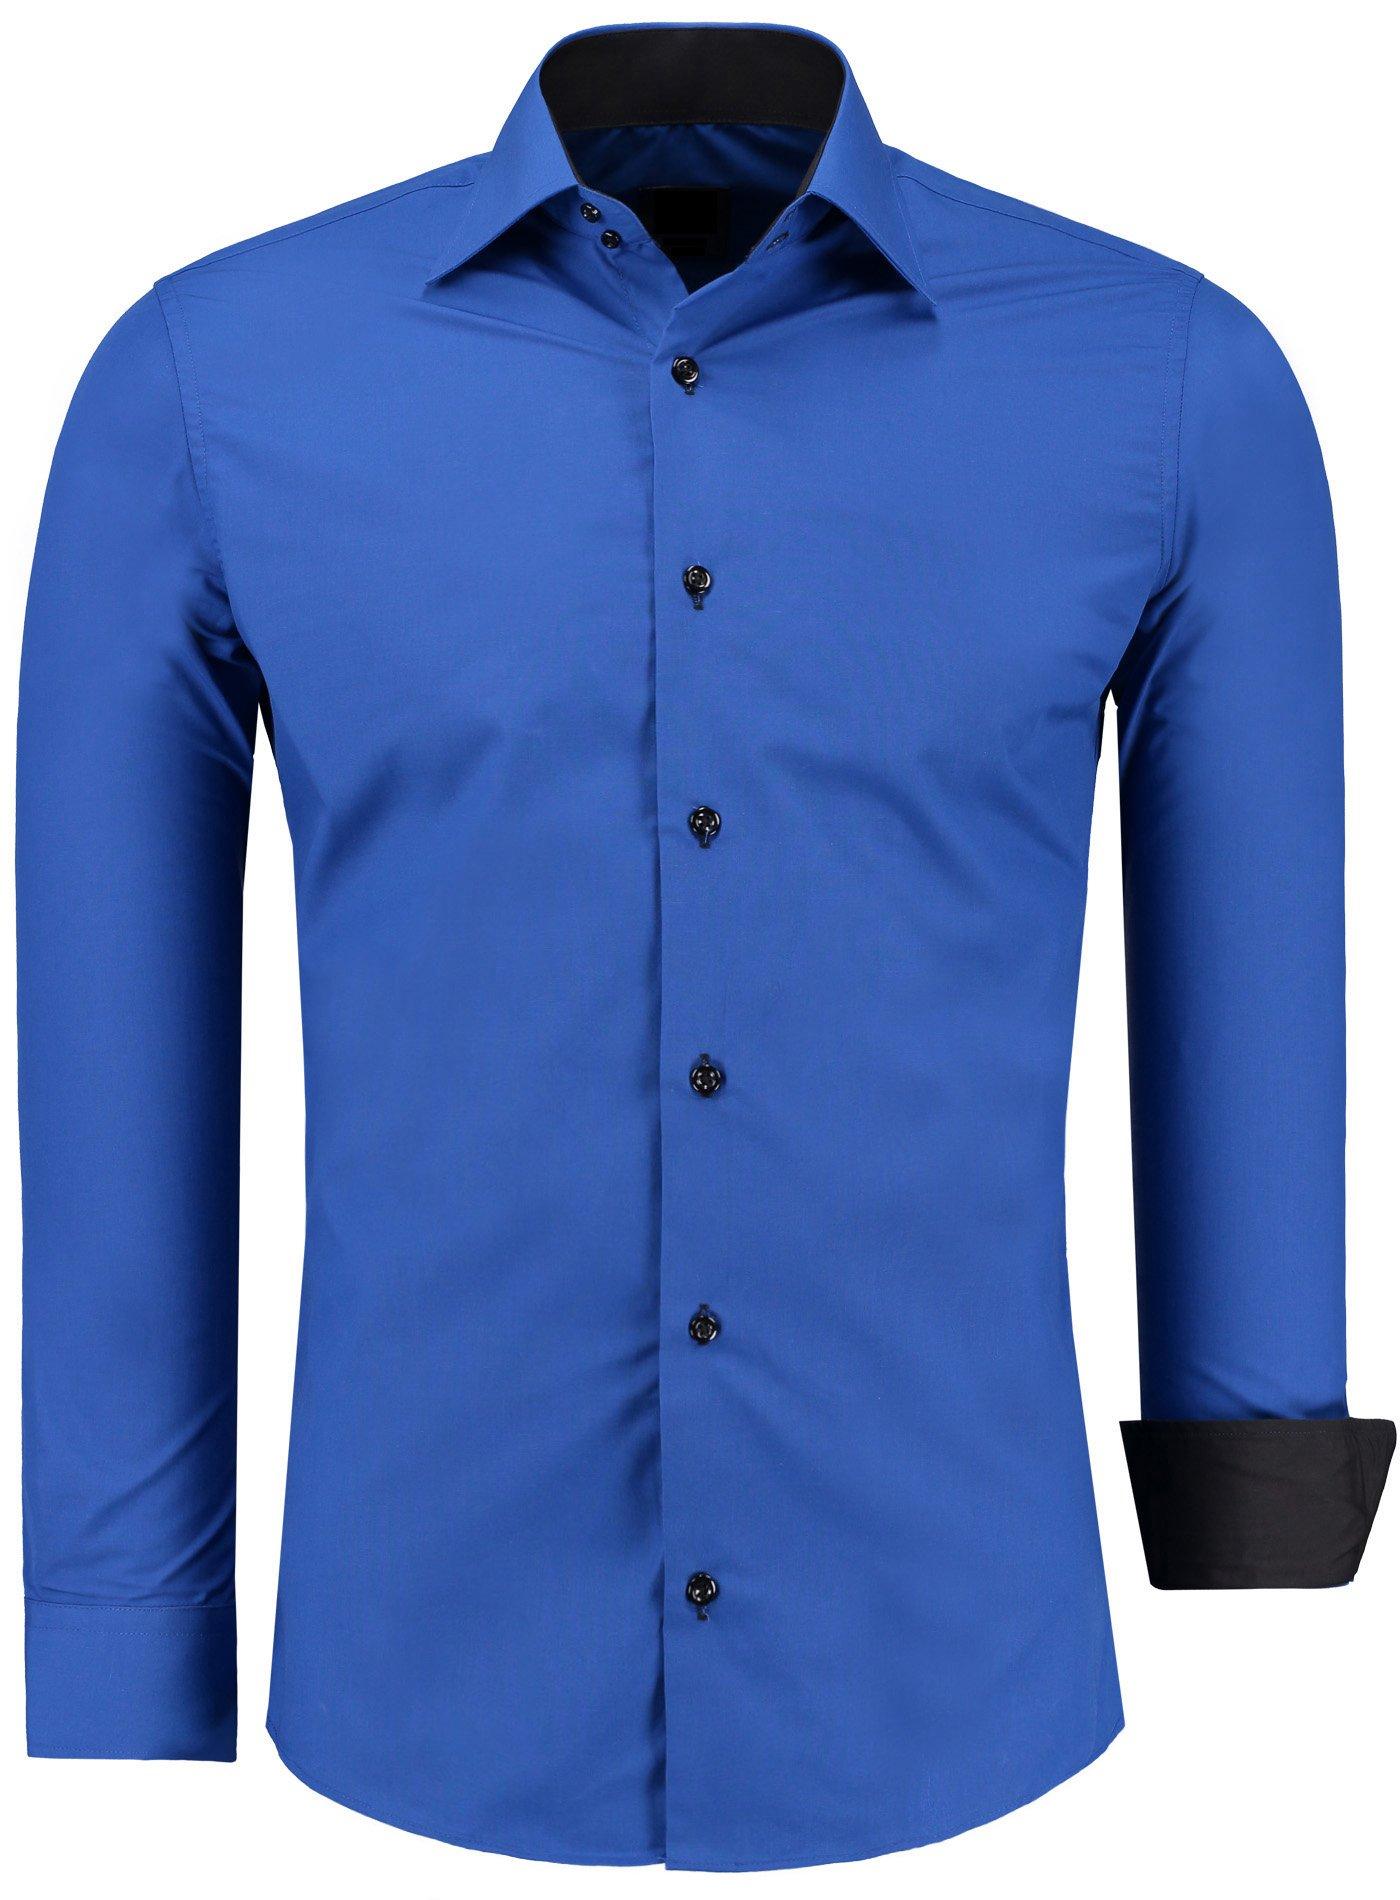 e7d4df384825 J S FASHION Herren-Hemd – Slim-Fit – Bügelleicht – Für Anzug, Business,  Hochzeit, Freizeit – Langarm-Hemd für Männer